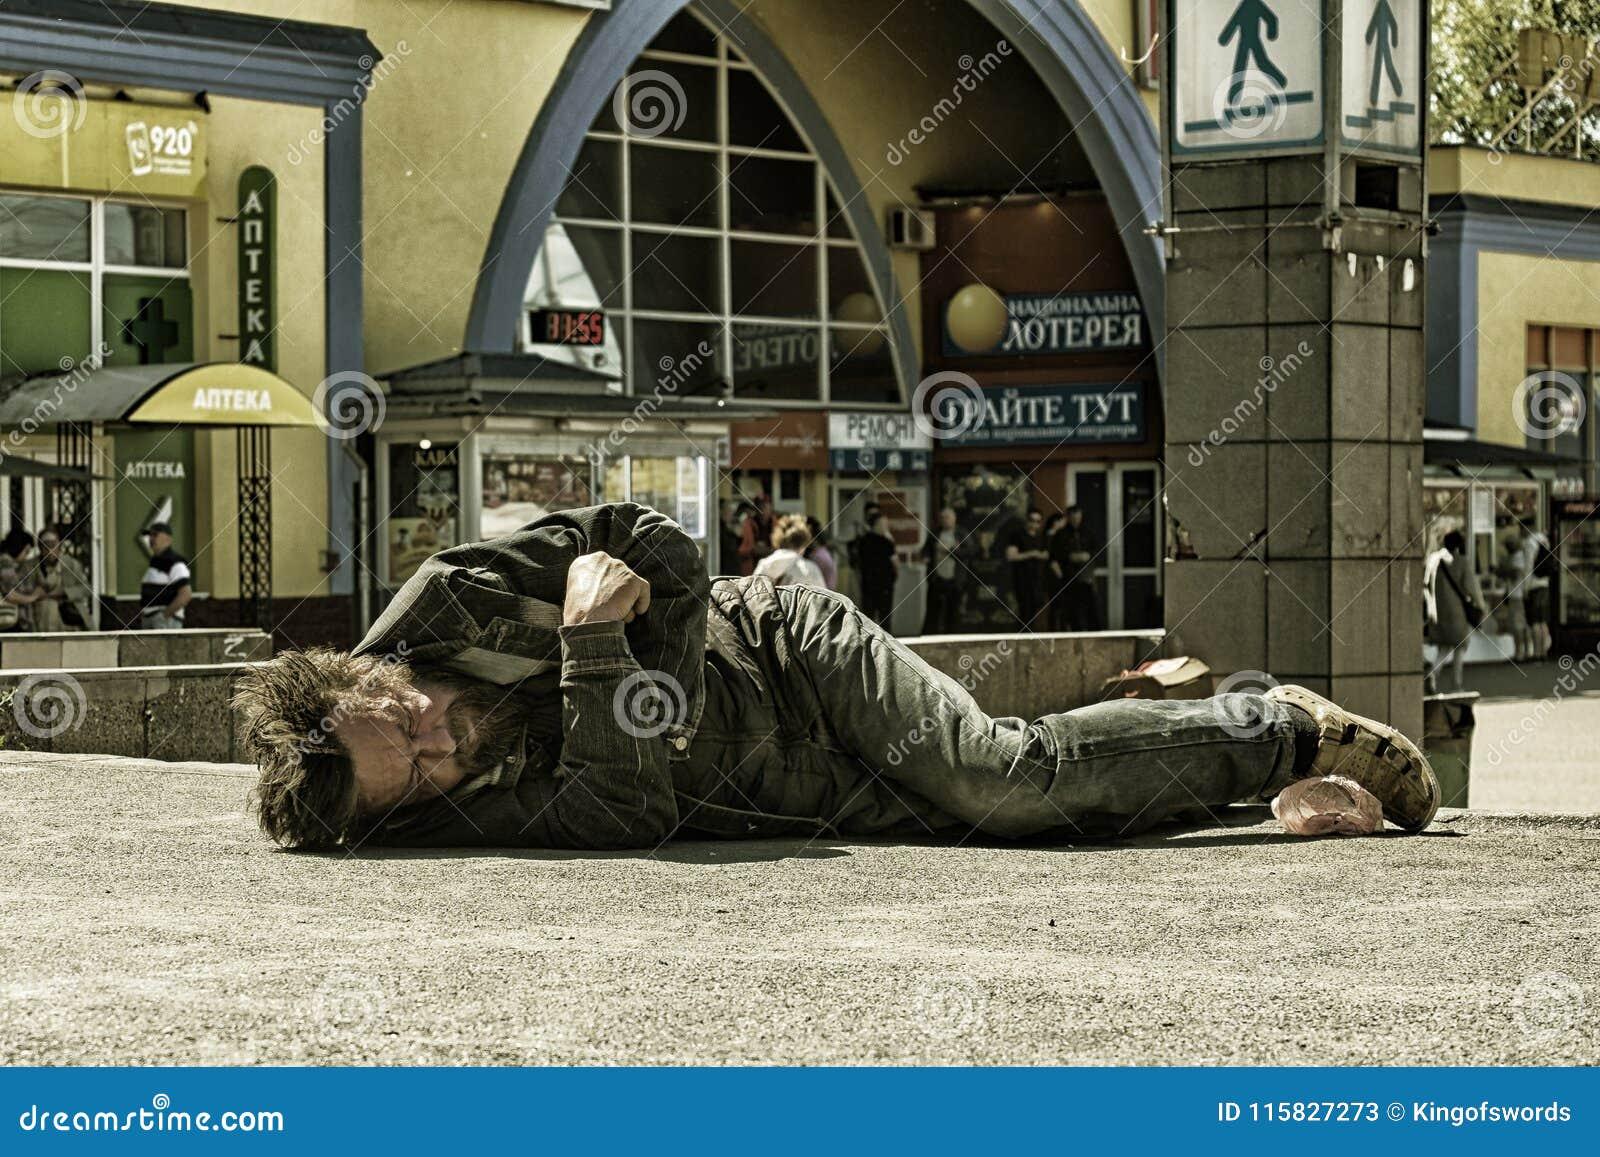 Chmielny bezdomny mężczyzna śpi na betonie w szerokim świetle dziennym